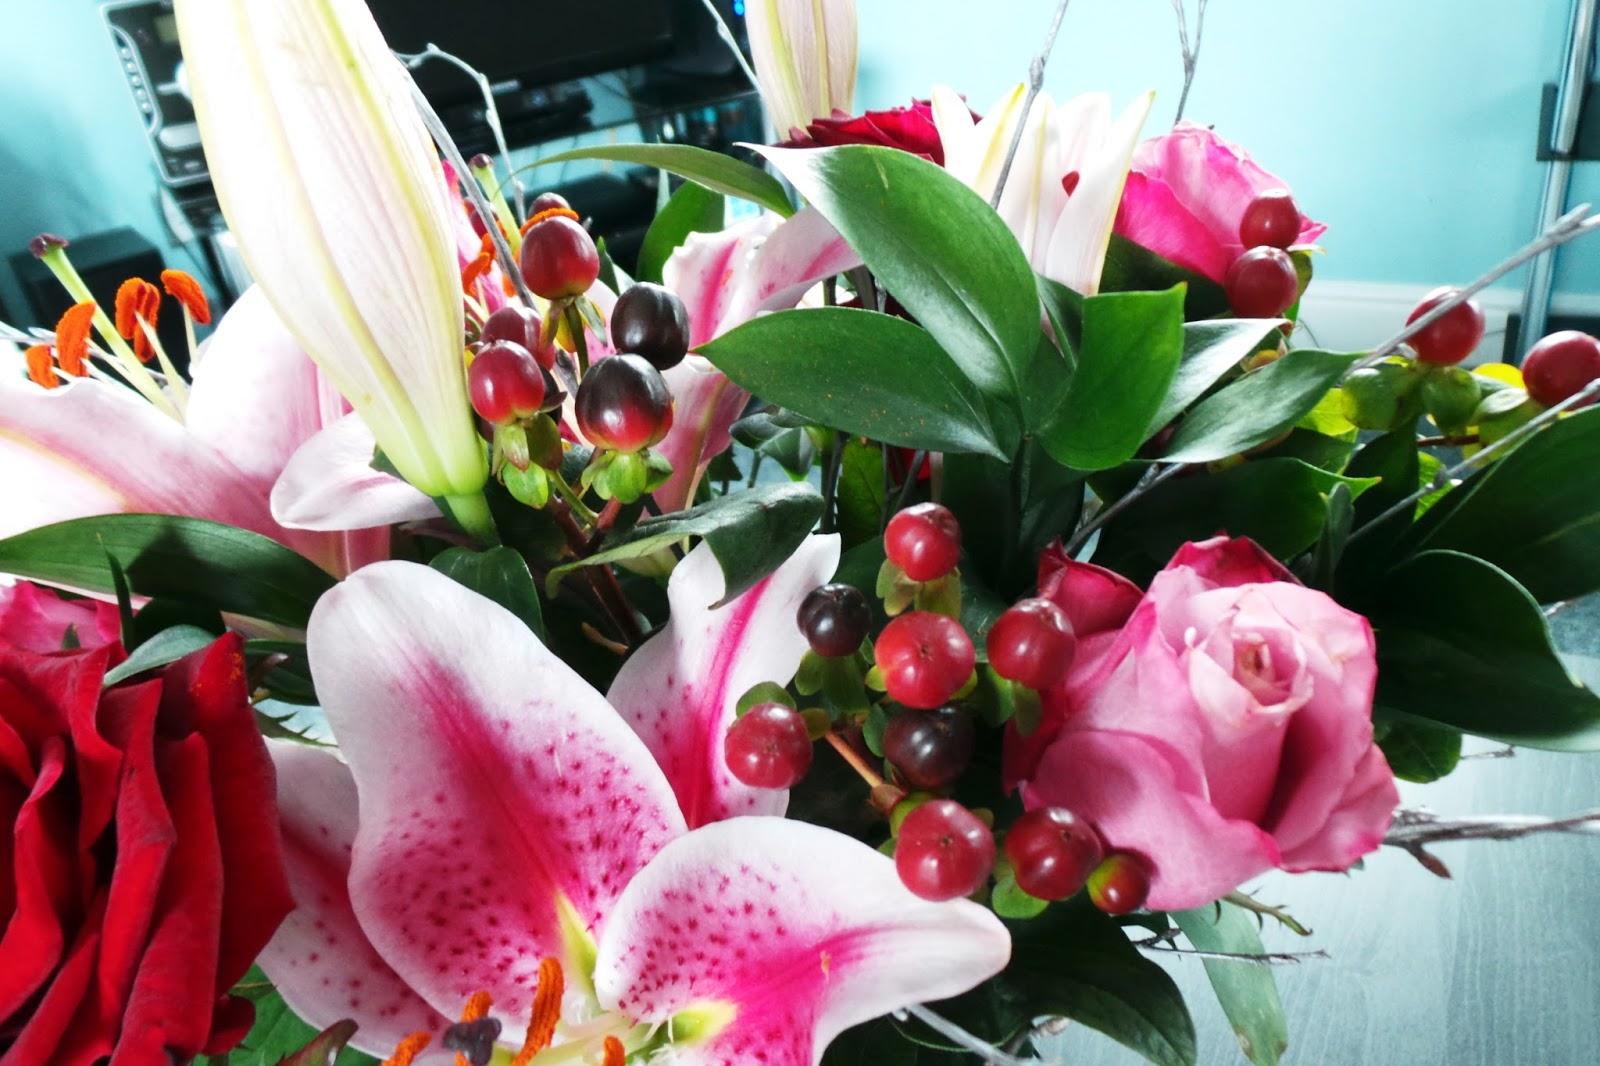 Debenhams Flowers La s Wedge Sandals